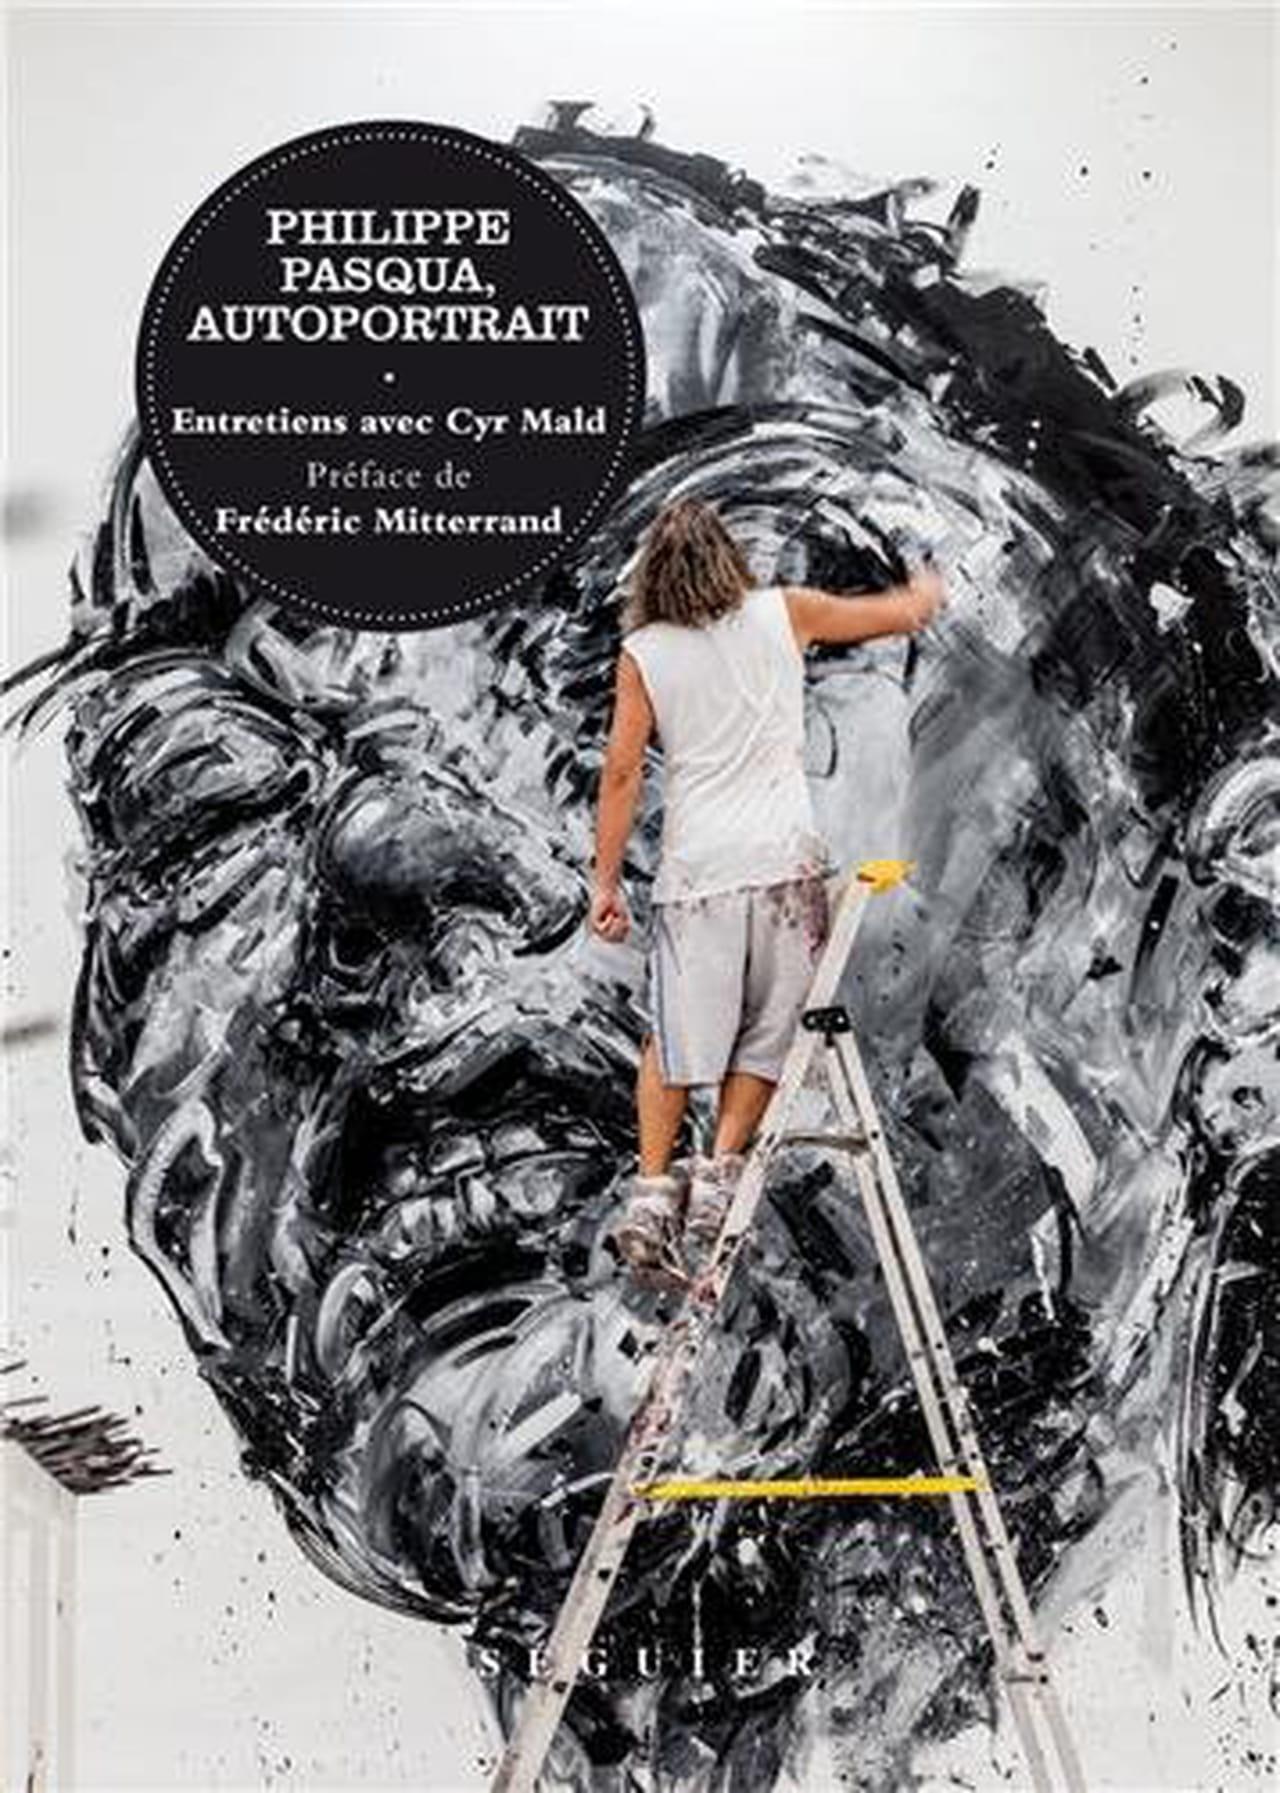 Philippe Pasqua / Actus Création